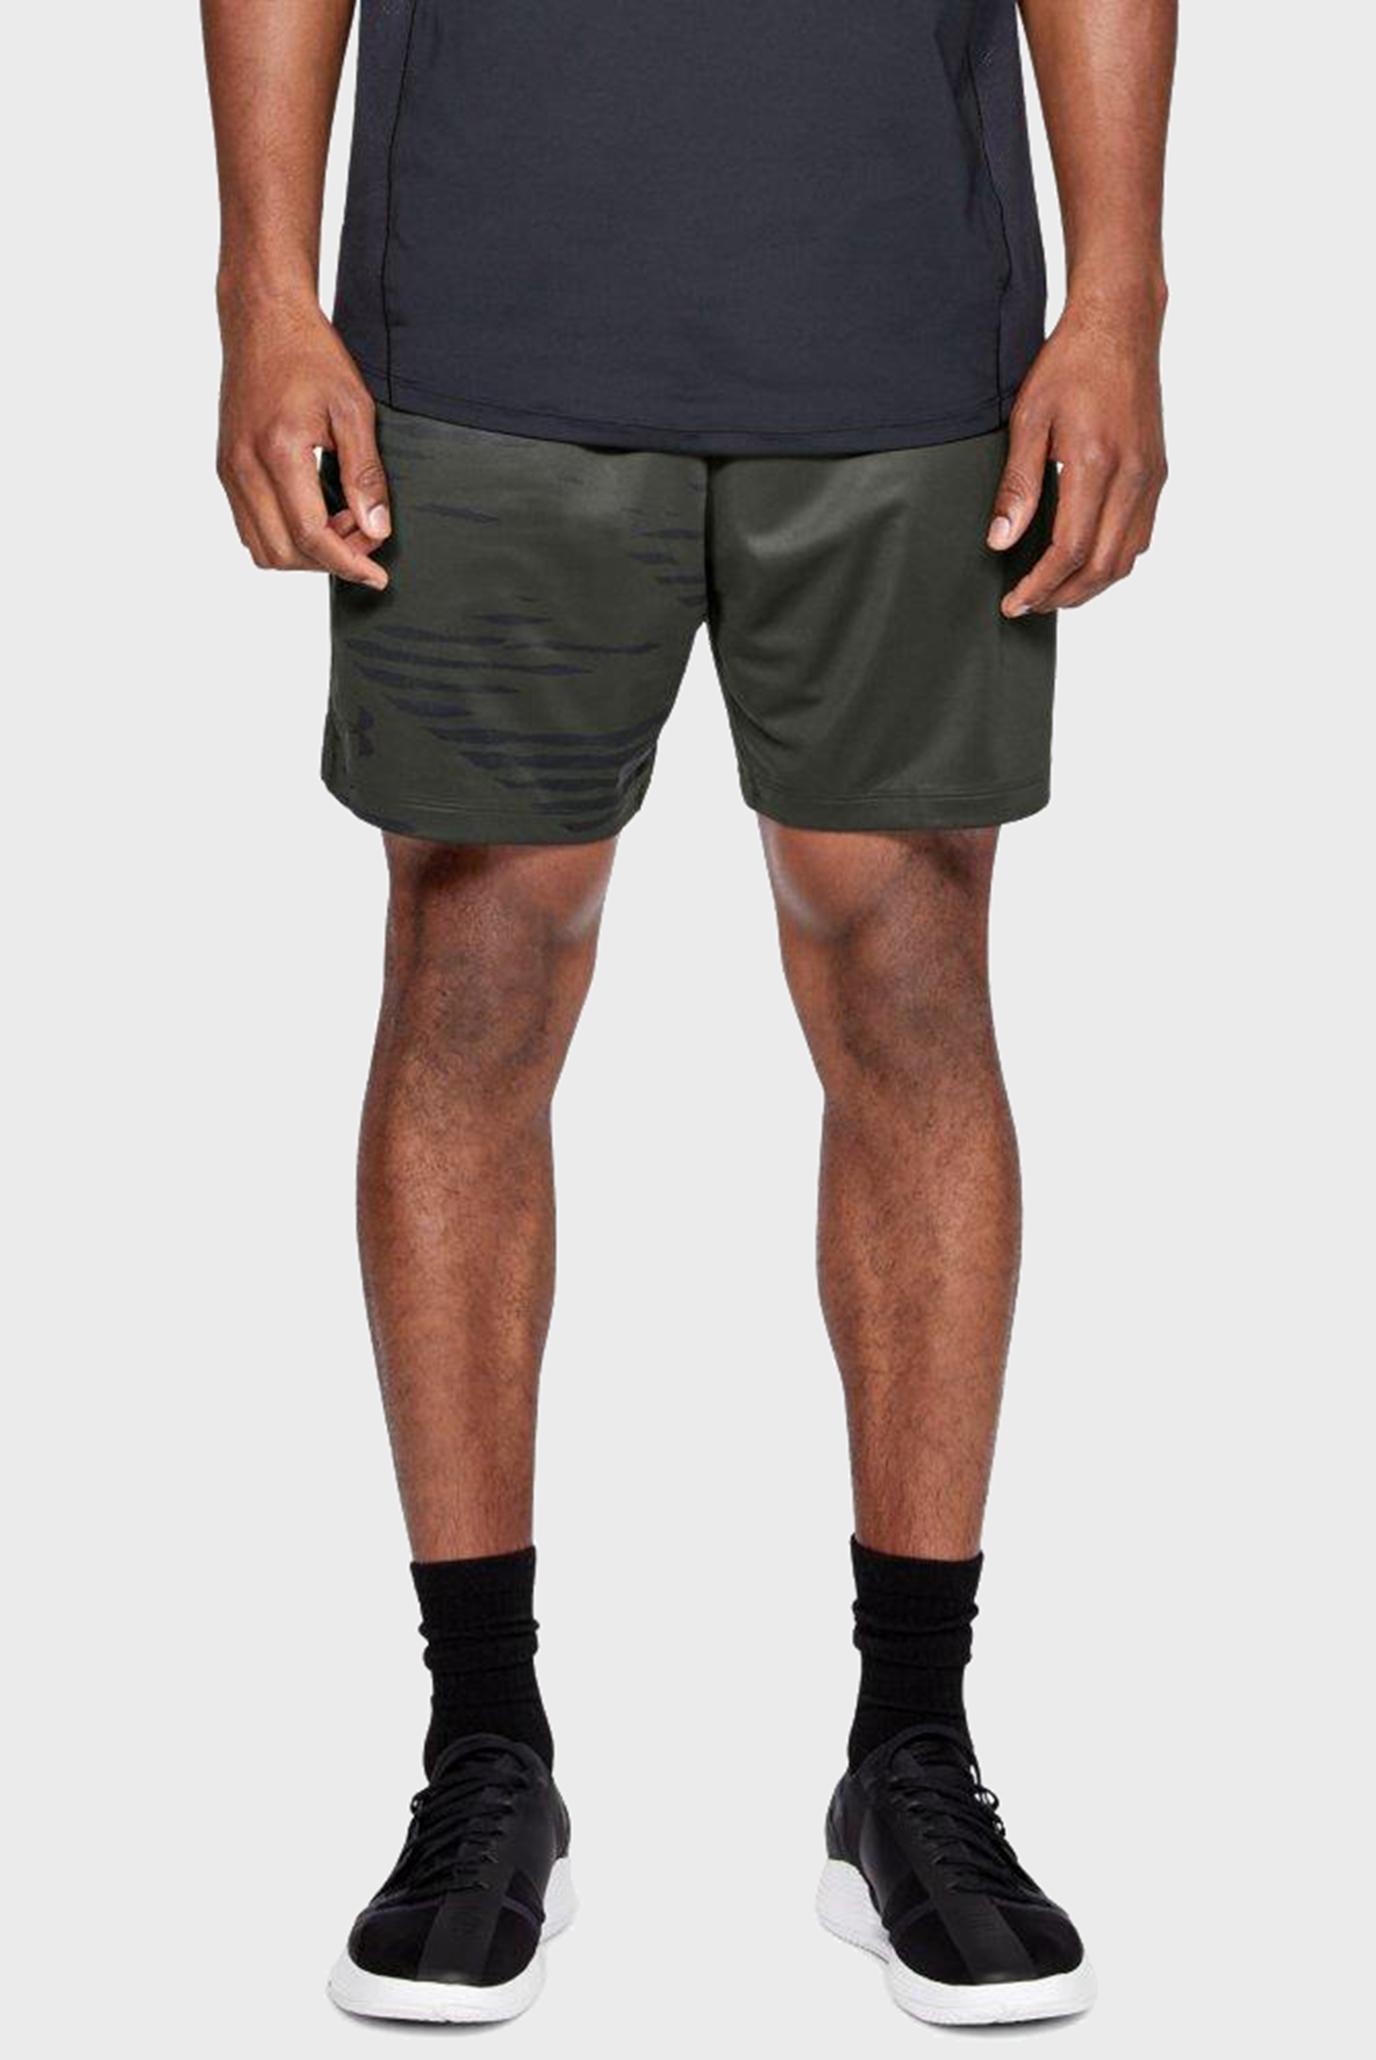 Купить Мужские зеленые спортивные шорты MK1 7in Short Camo Print Under Armour Under Armour 1322072-357 – Киев, Украина. Цены в интернет магазине MD Fashion